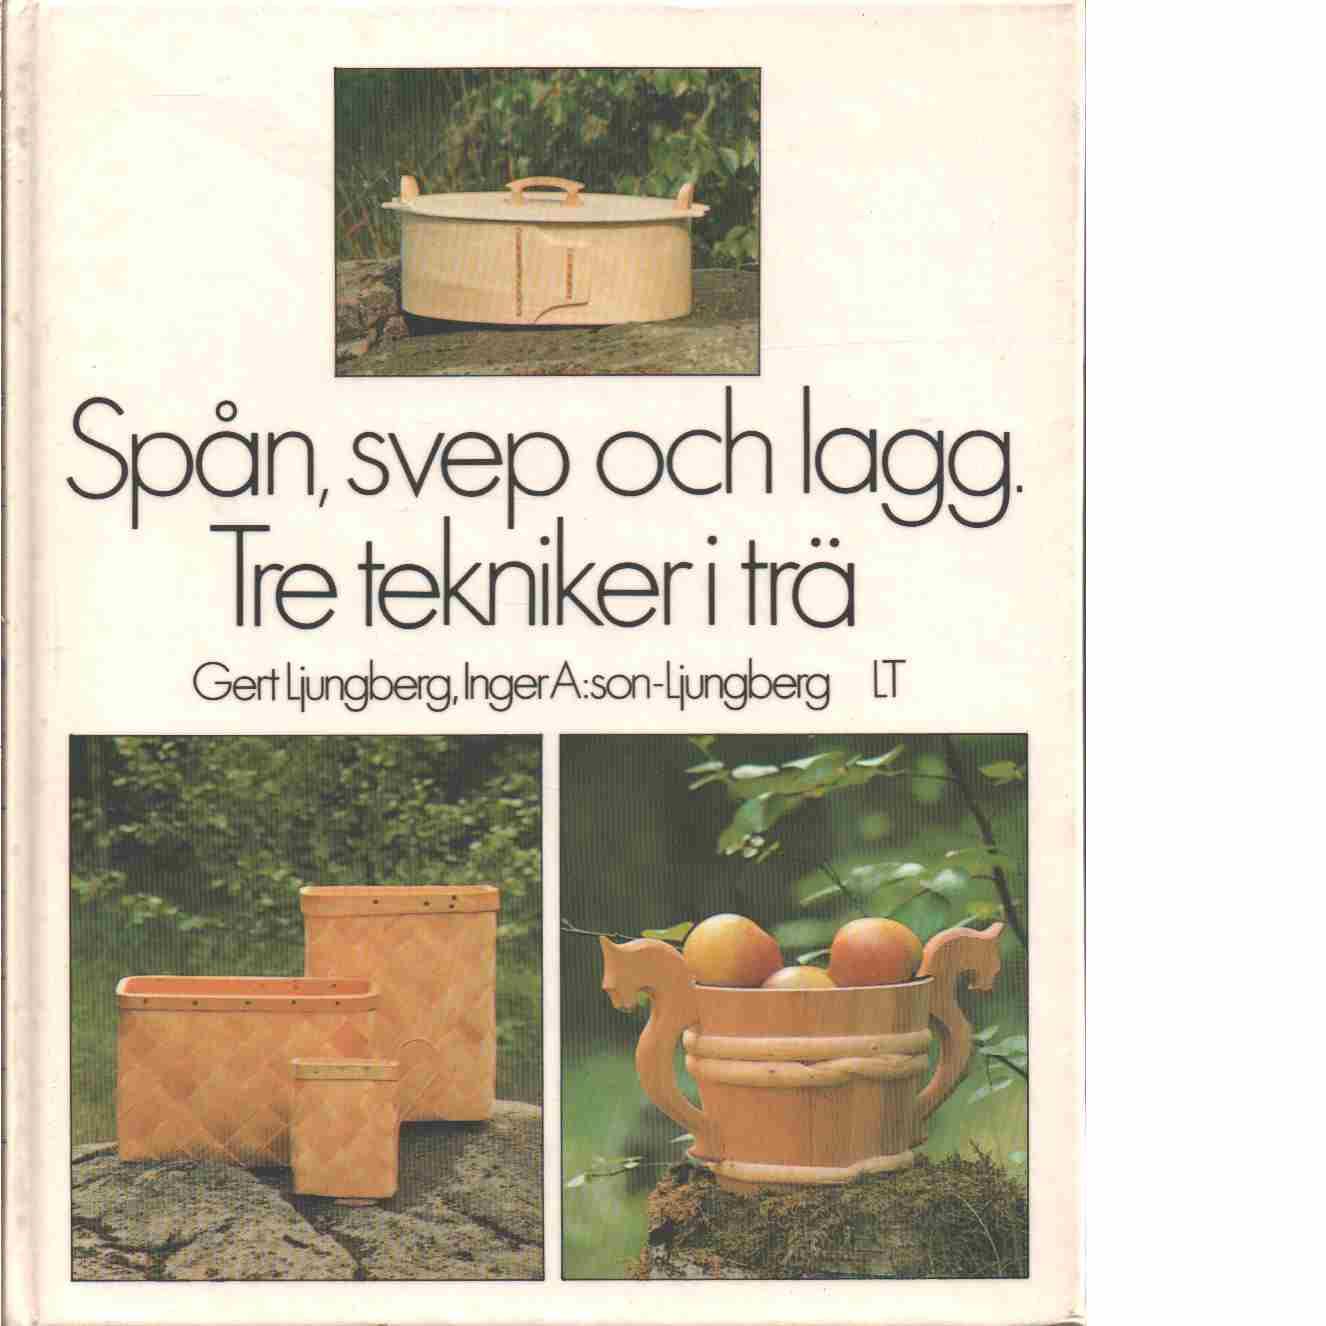 Spån, svep och lagg : tre tekniker i trä - Ljungberg, Gert och A:son-Ljungberg, Inger